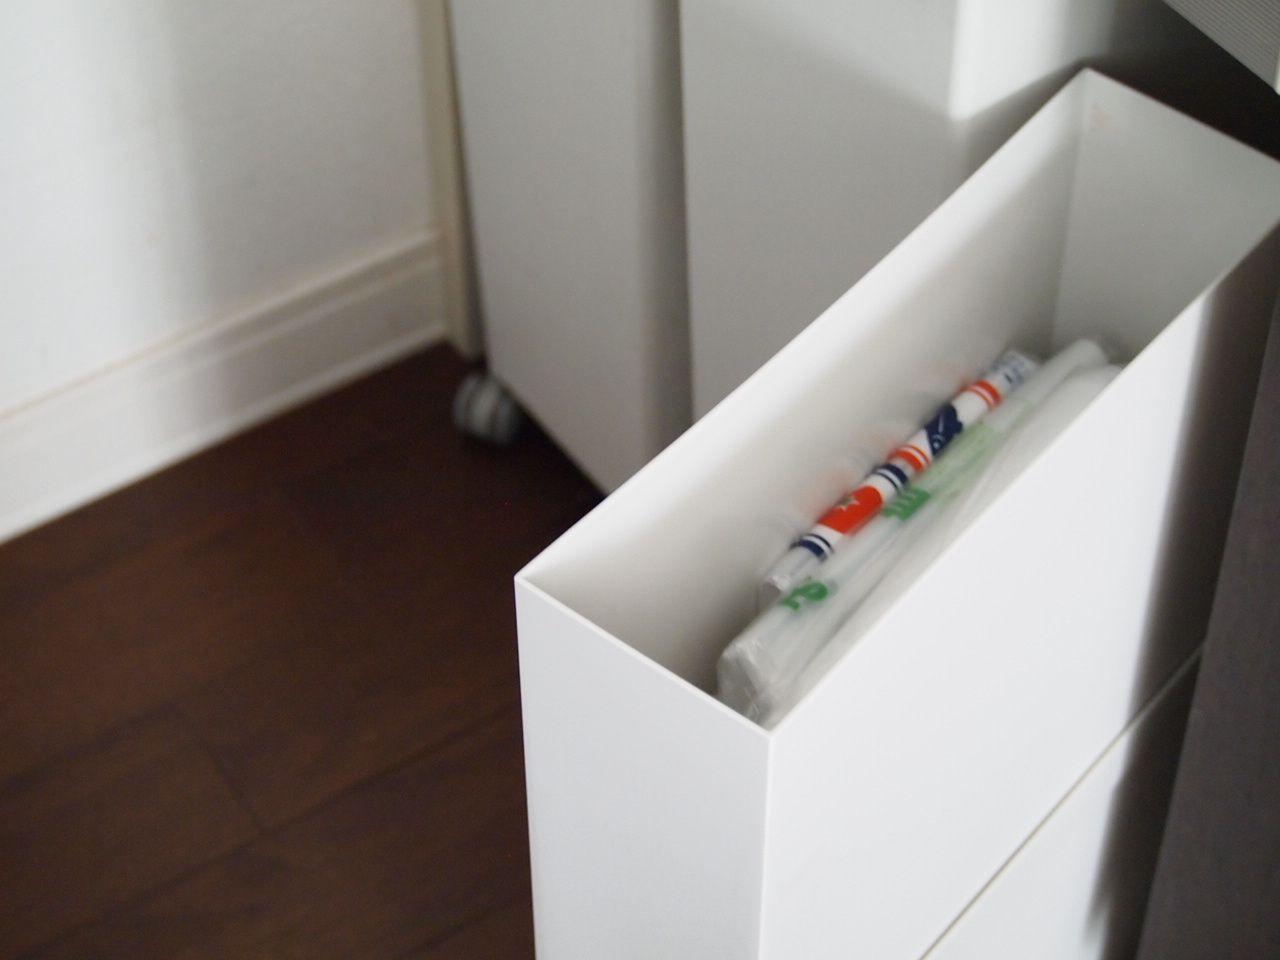 ダイソー 我が家のゴミ袋収納 ラクラクピタッ とストレスフリーに 白 グレーの四角いおうち キッチン 背面収納 収納 背面収納